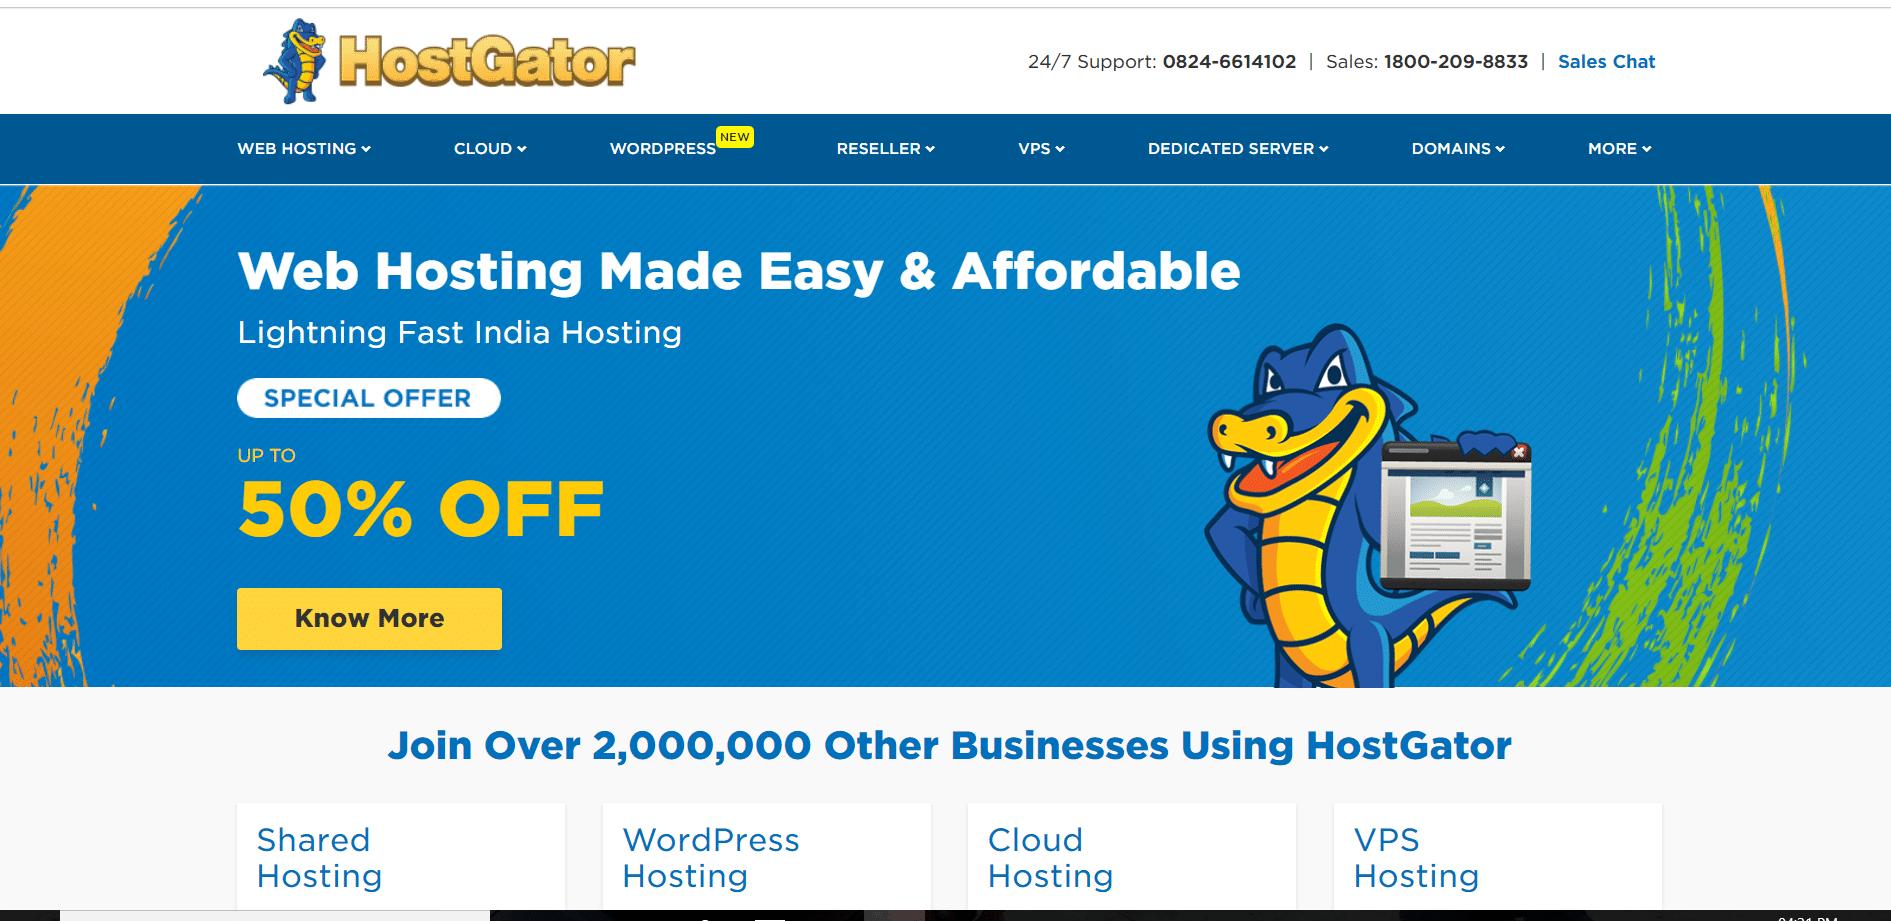 Hostgator best hosting provider